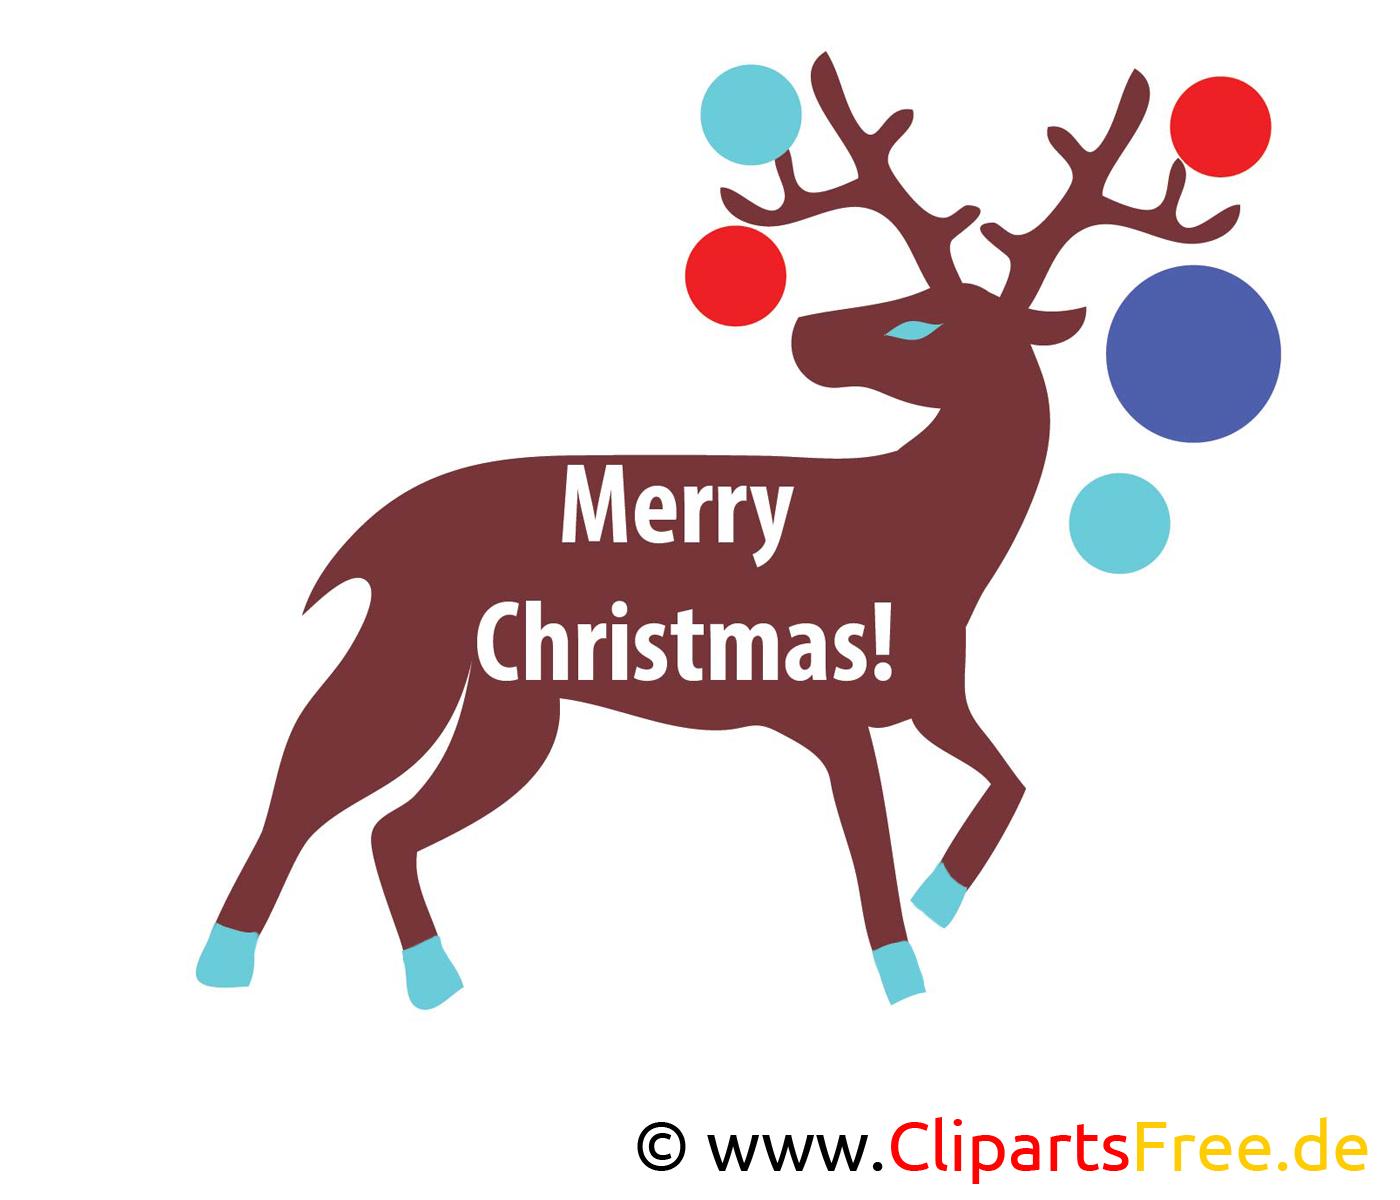 Hirsch Weihnachten Bild, Clip Art, Image, Grafik, Illustration gratis